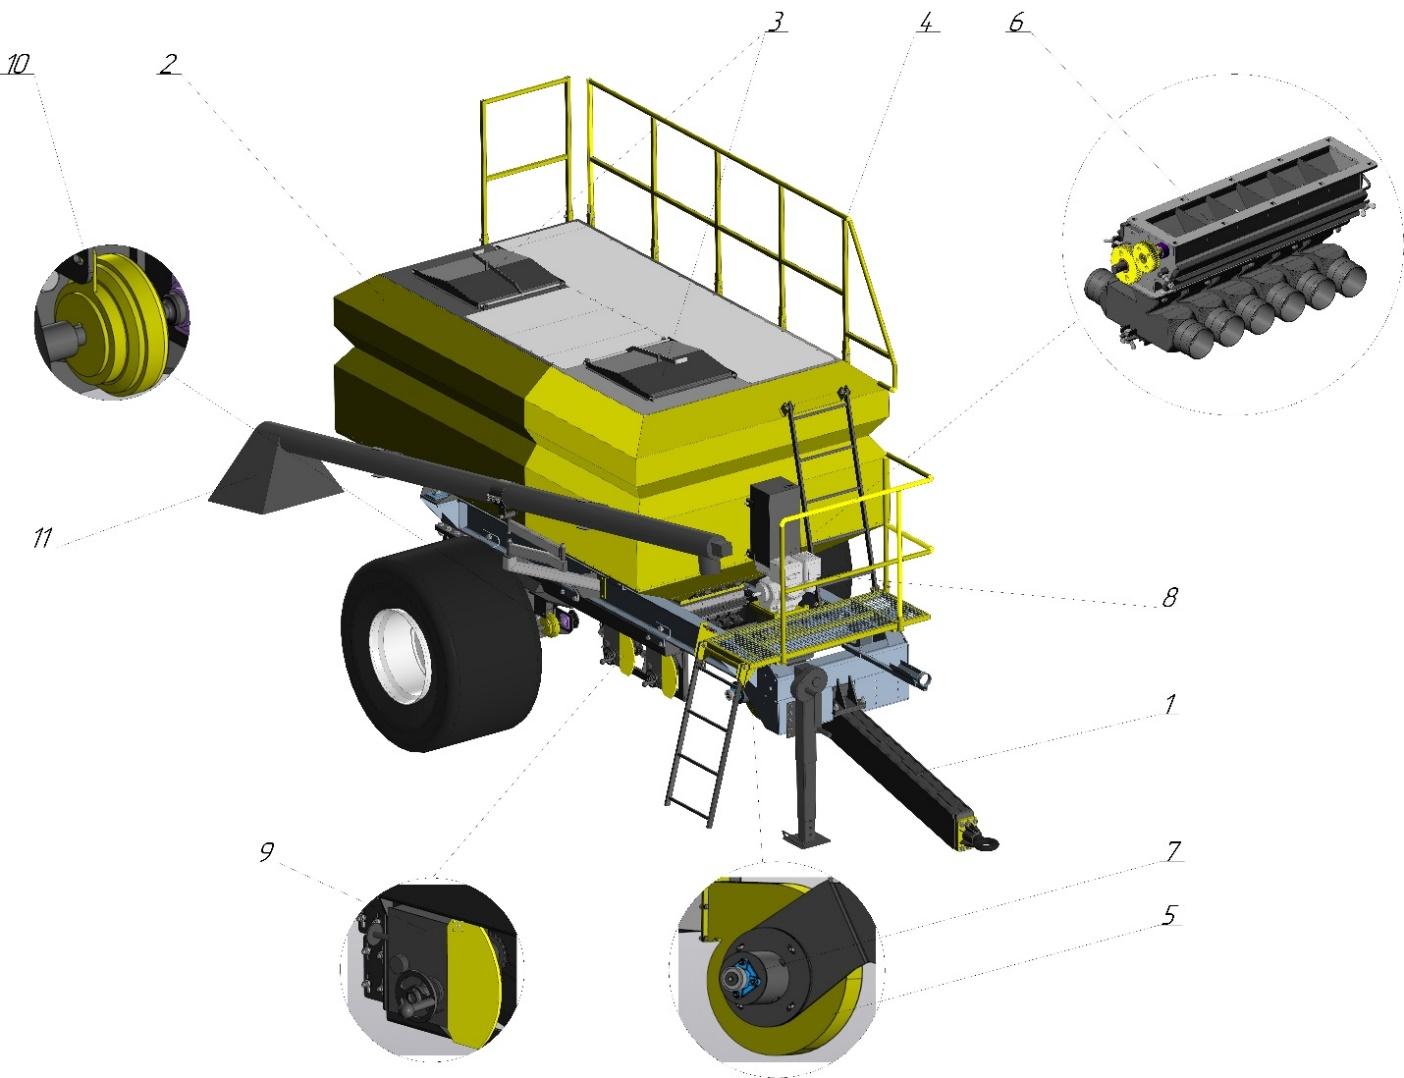 word image 226 Разработка конструктивной схемы и обоснование параметров почвообрабатывающего посевного агрегата с пневматическим высевом семян для тракторов класса тяги 5